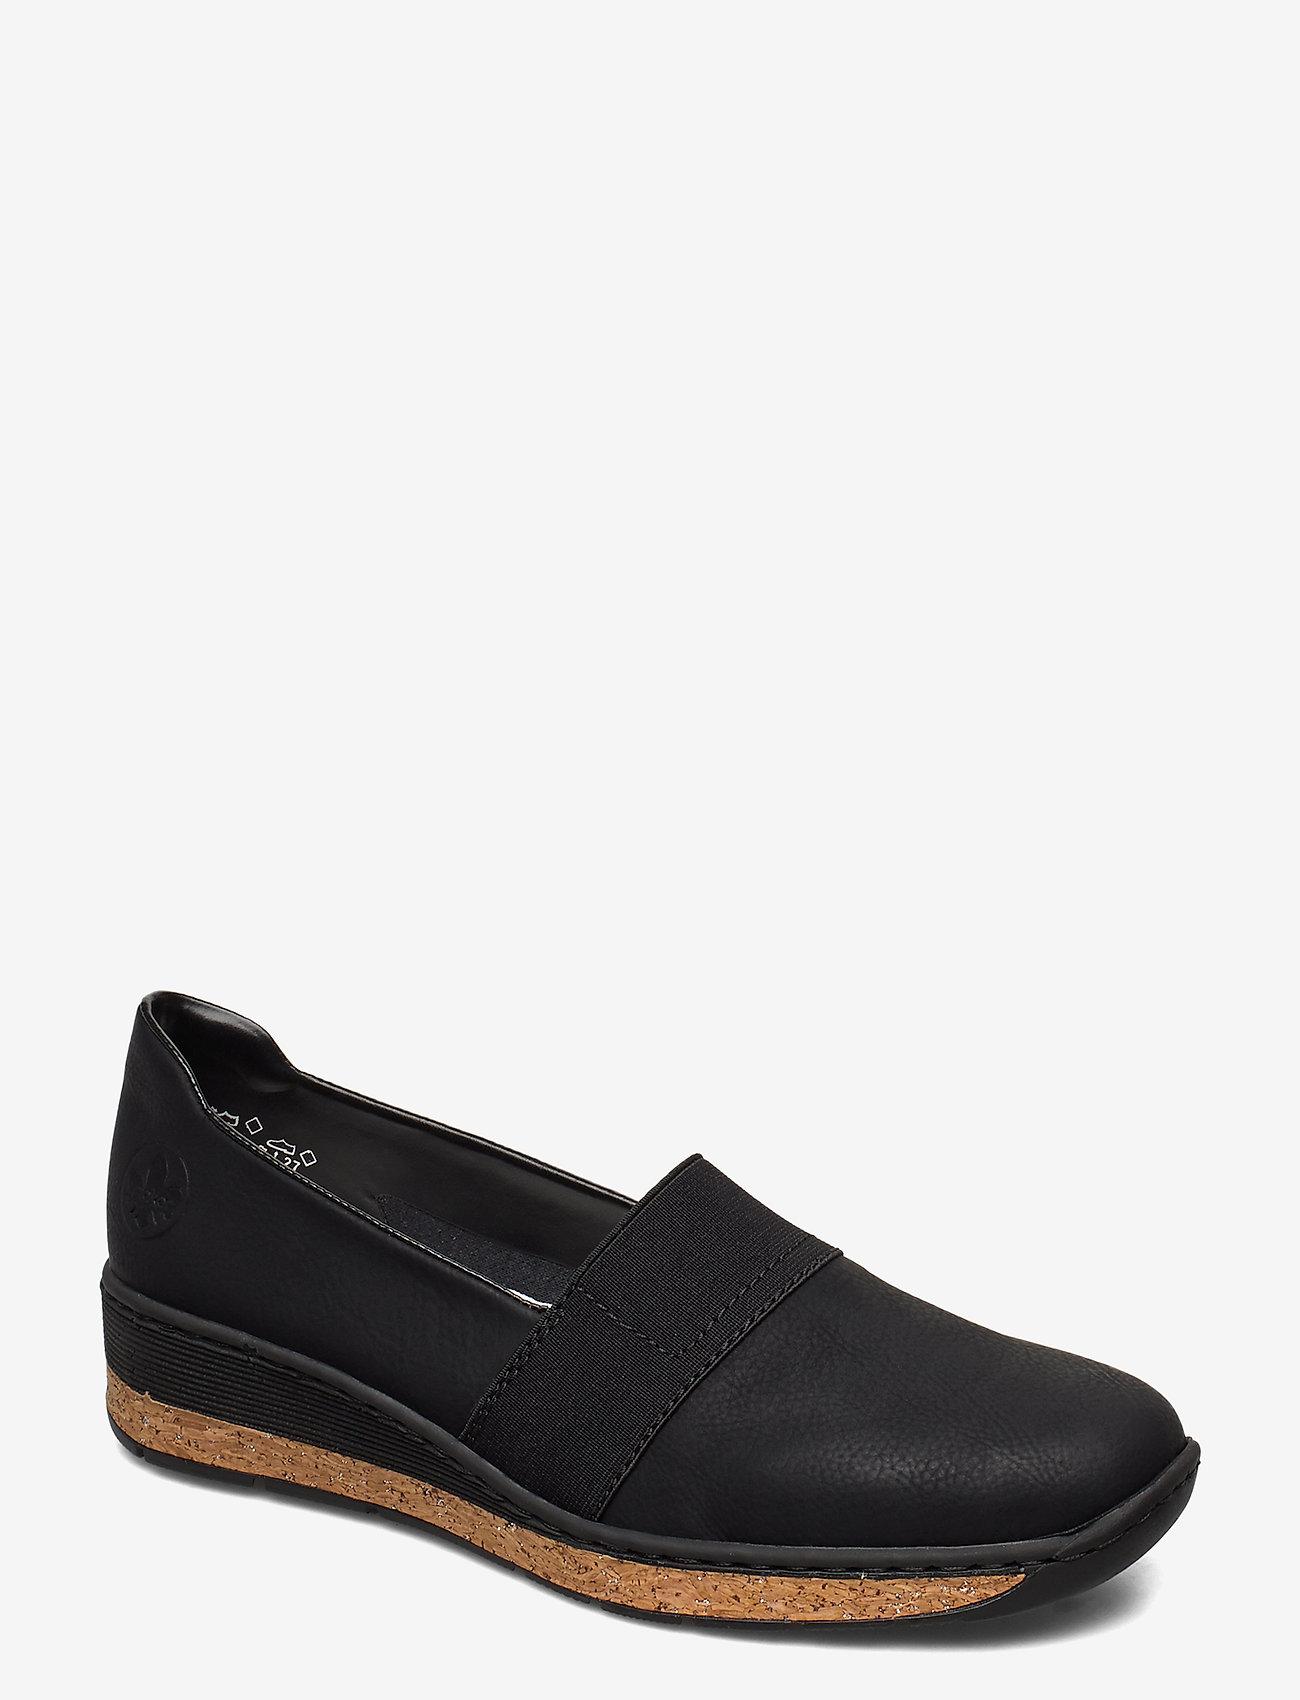 Rieker - 59781-00 - ballerinas - black - 0